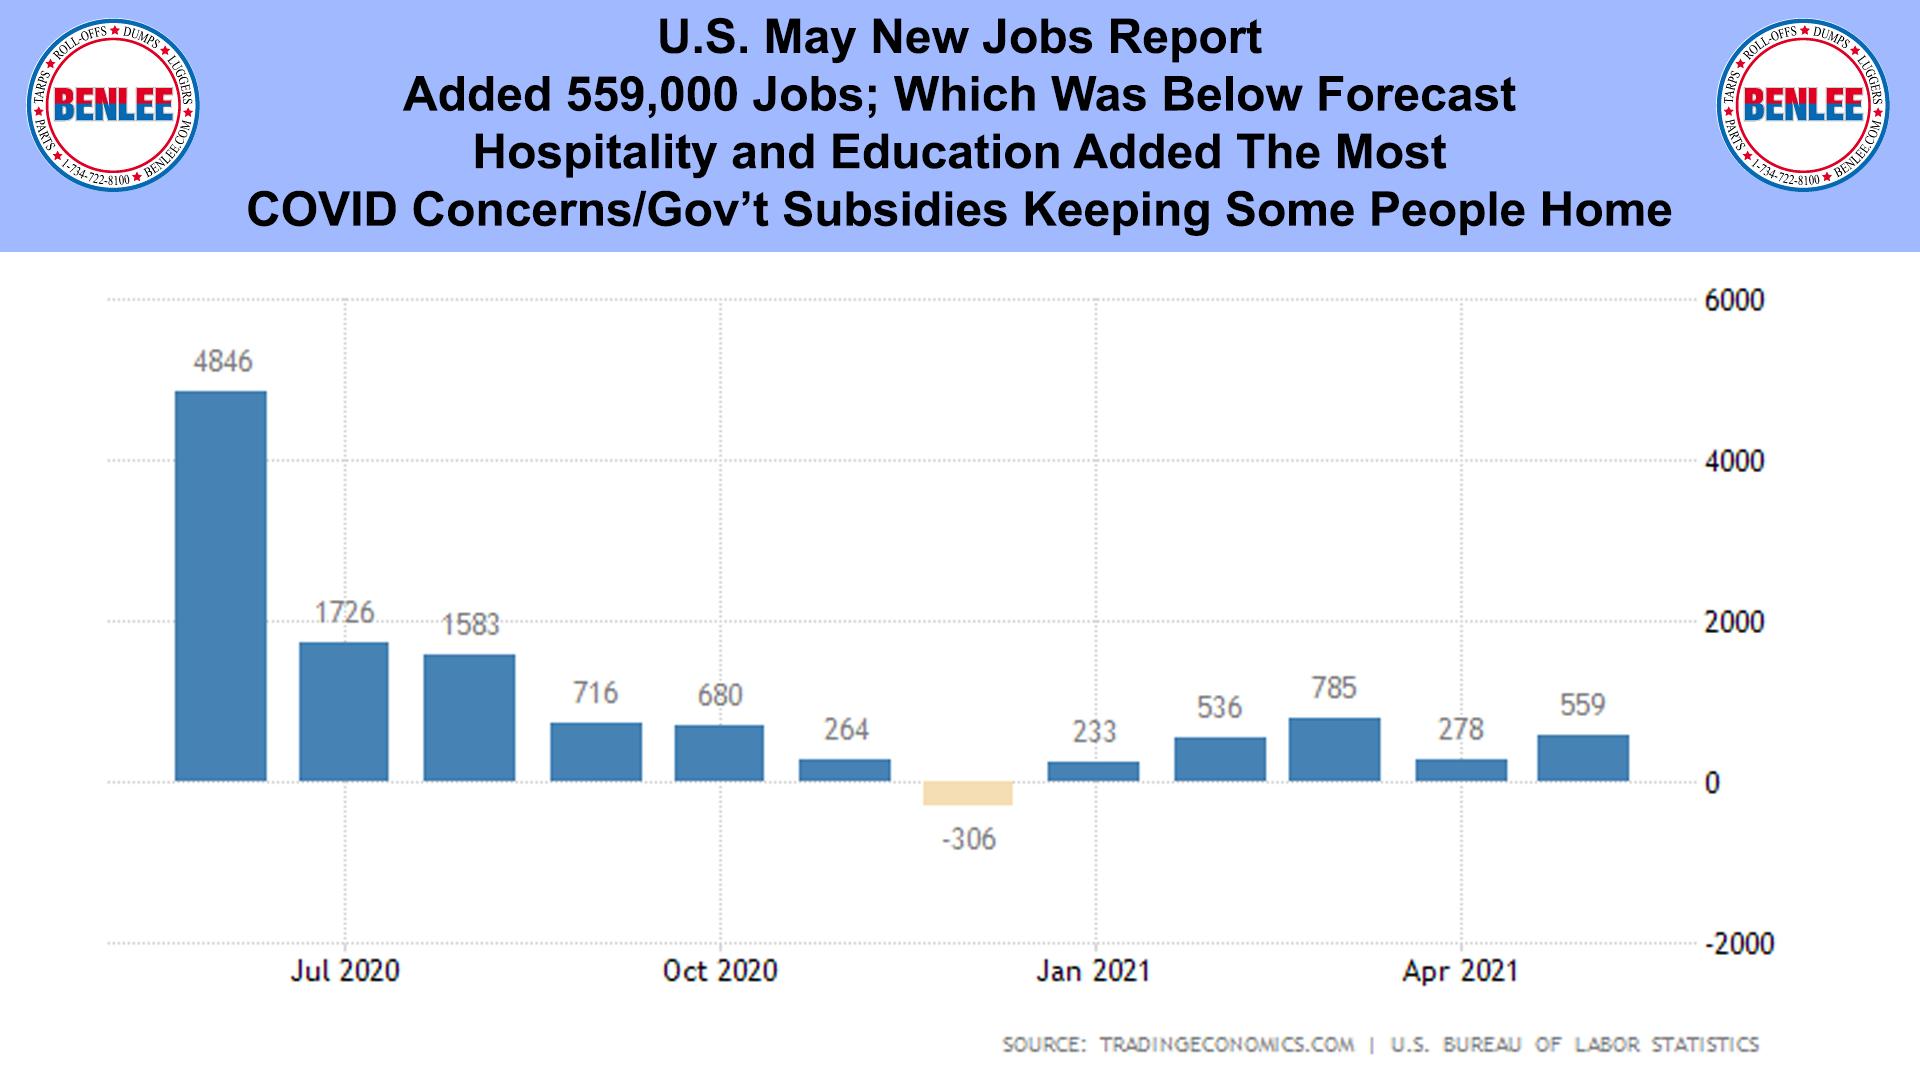 U.S. May New Jobs Report